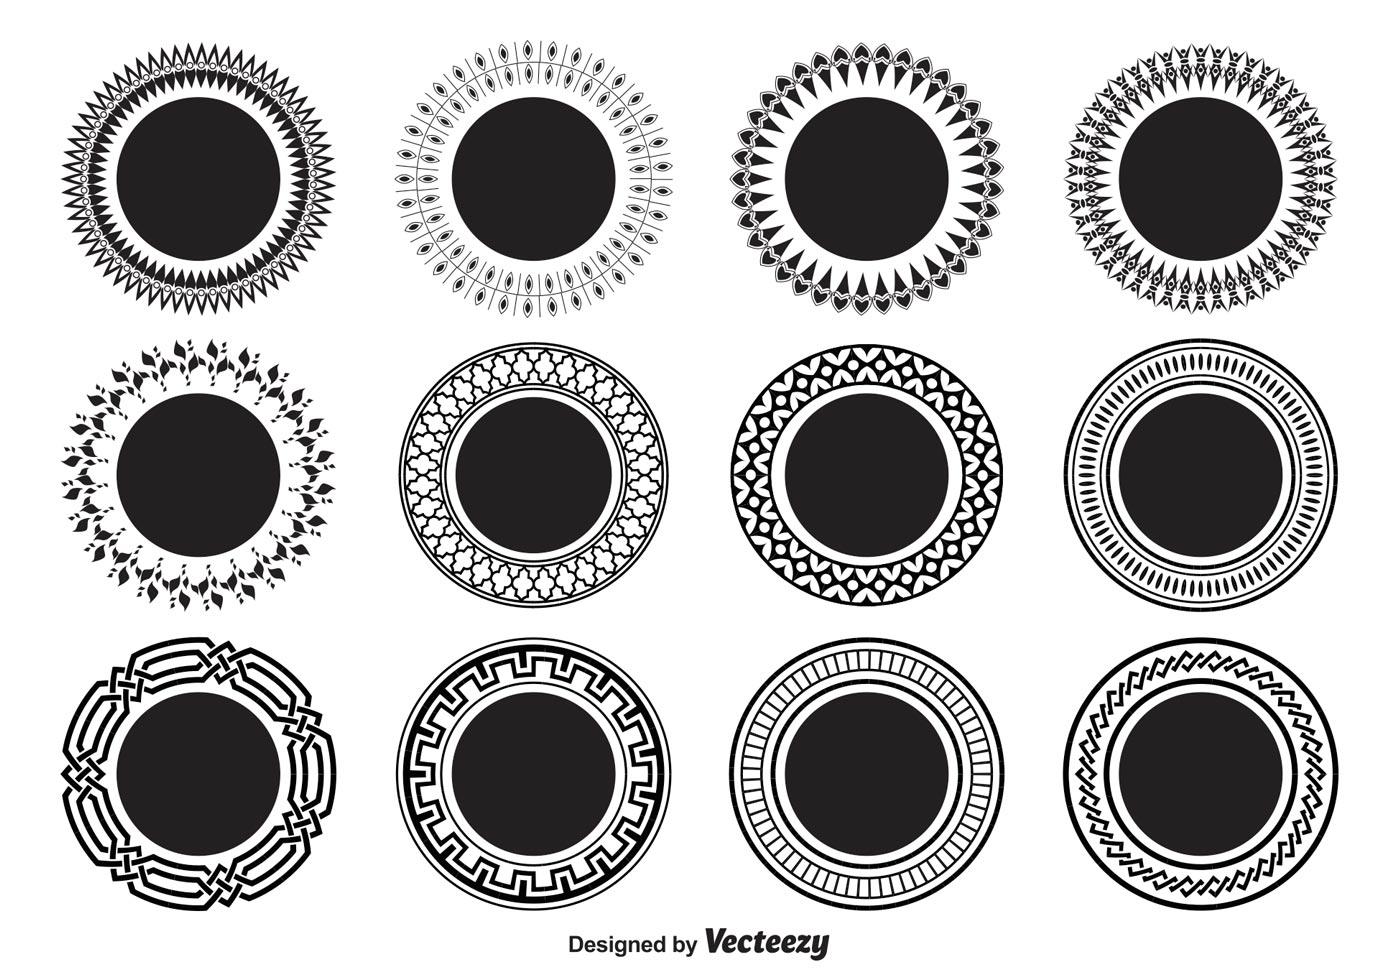 Decorative Circle Shapes - Download Free Vectors, Clipart ...